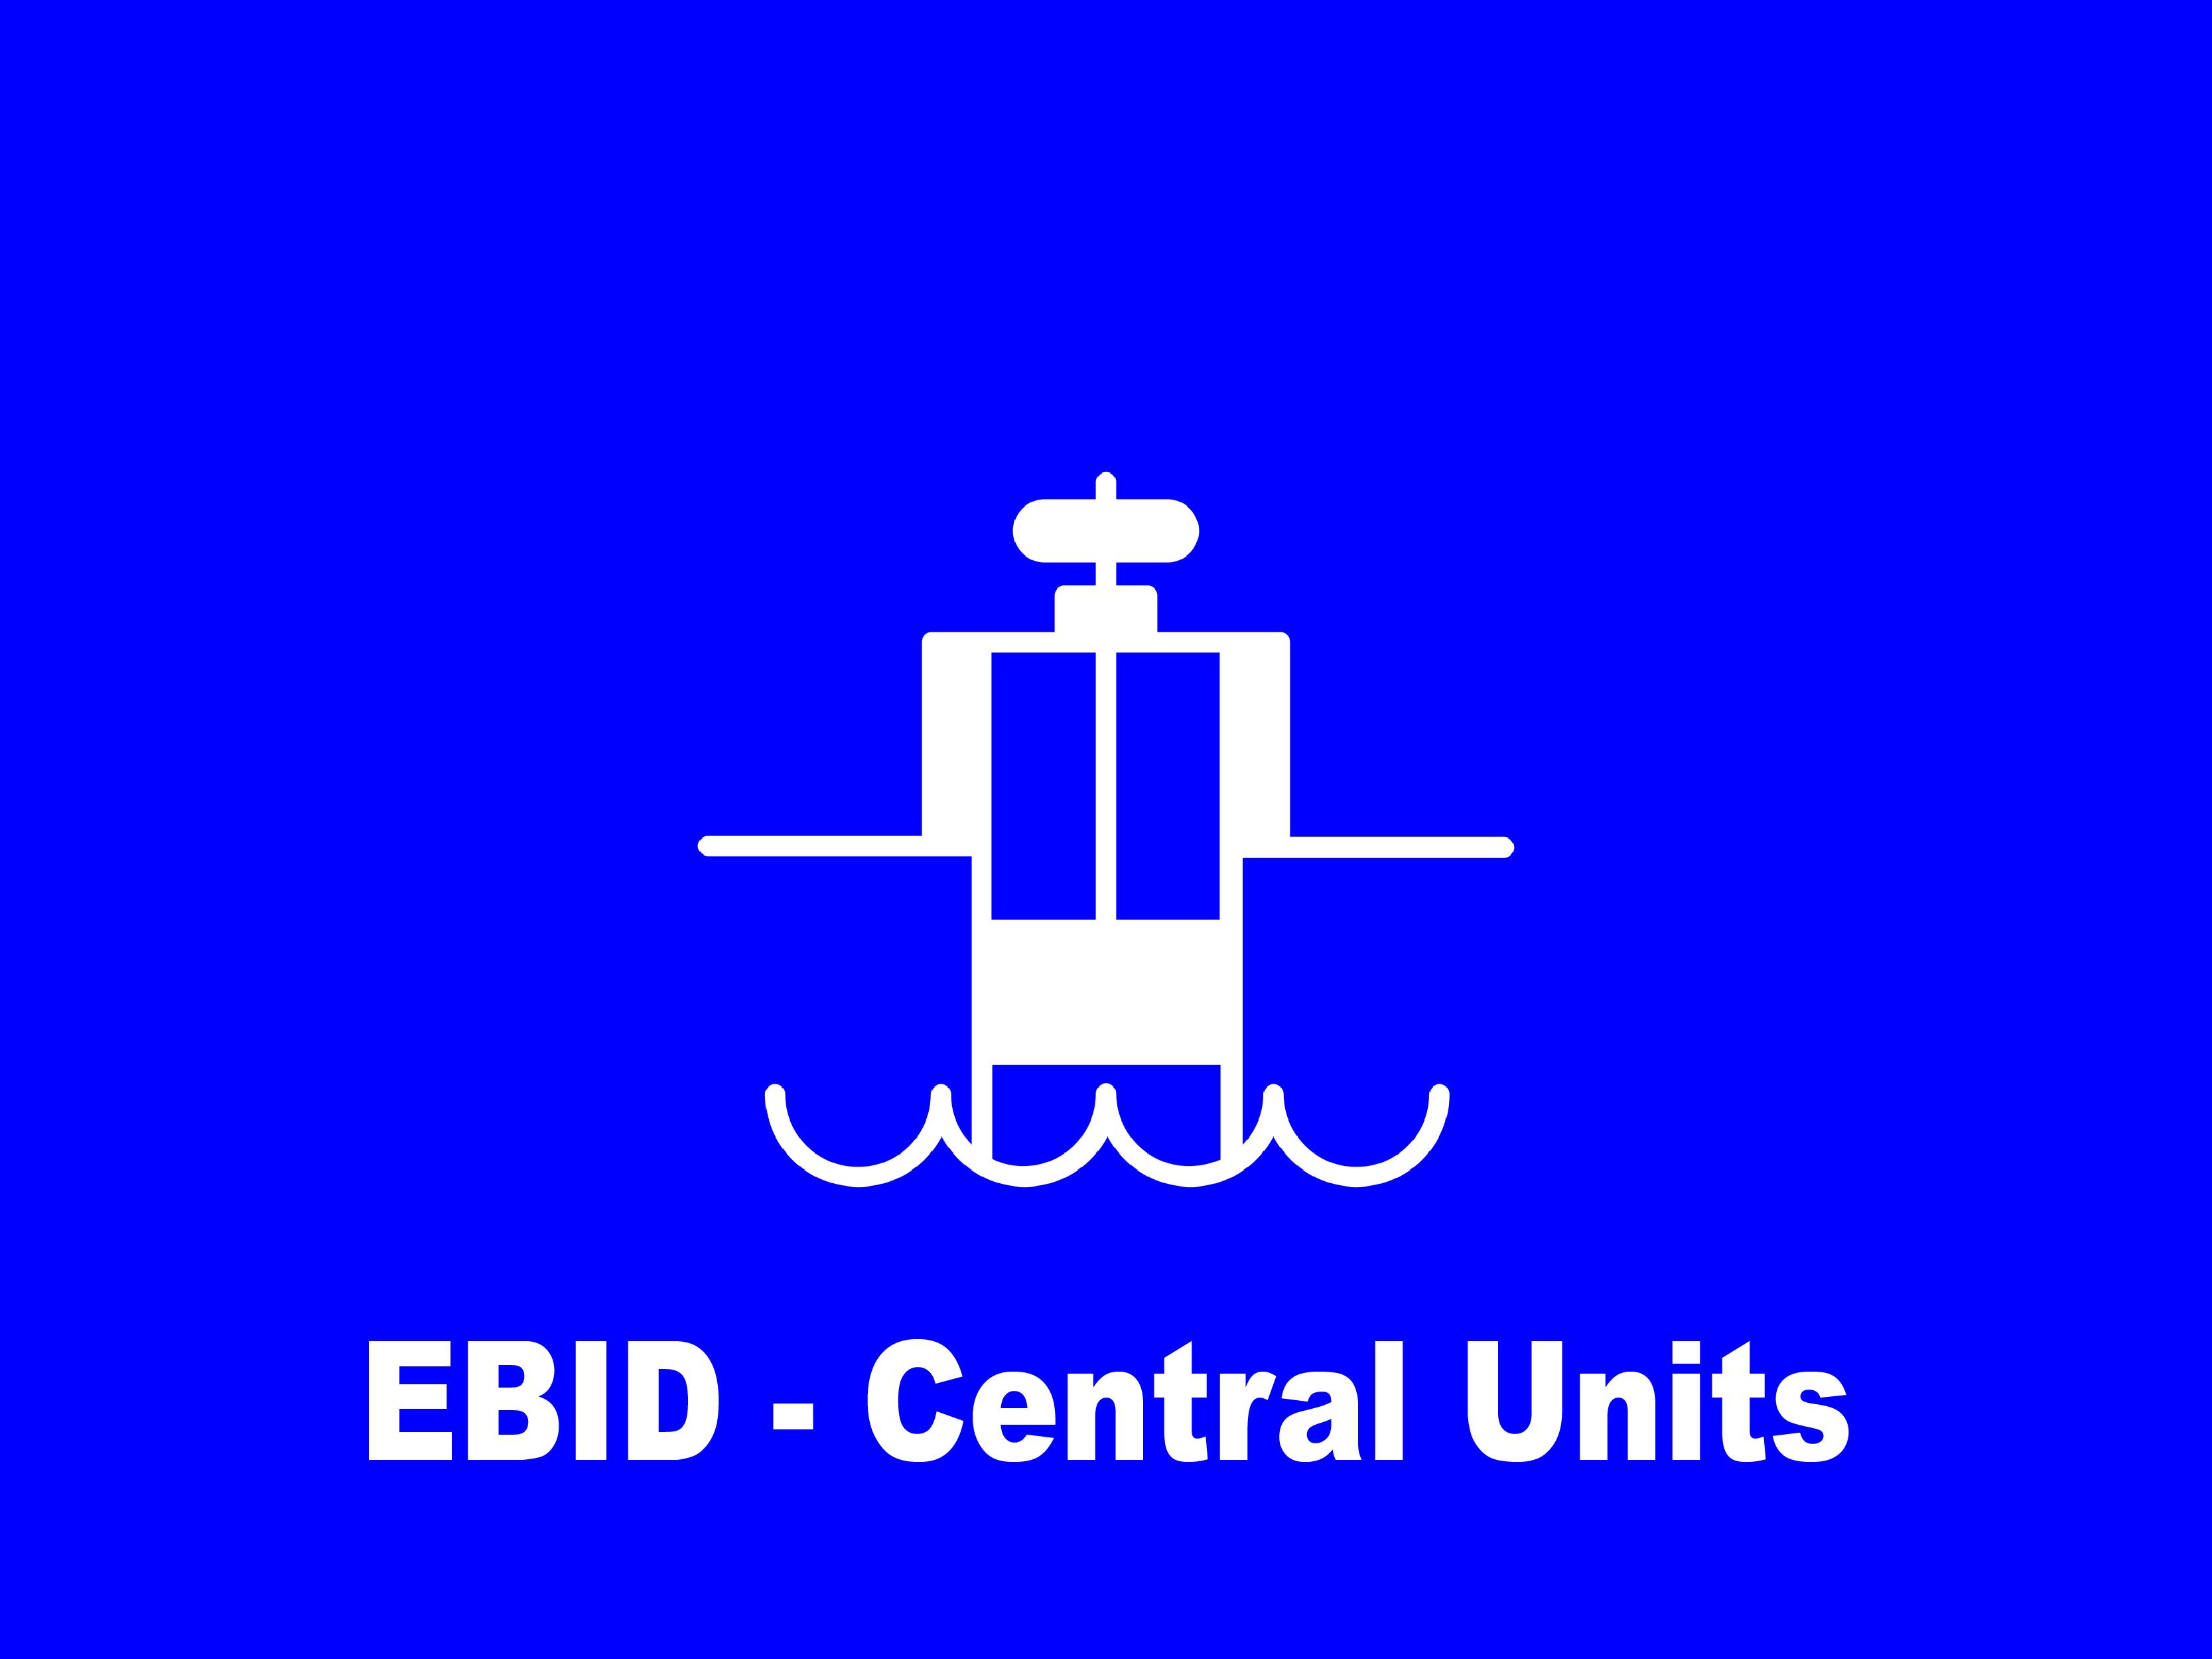 EBID Central Units Icon